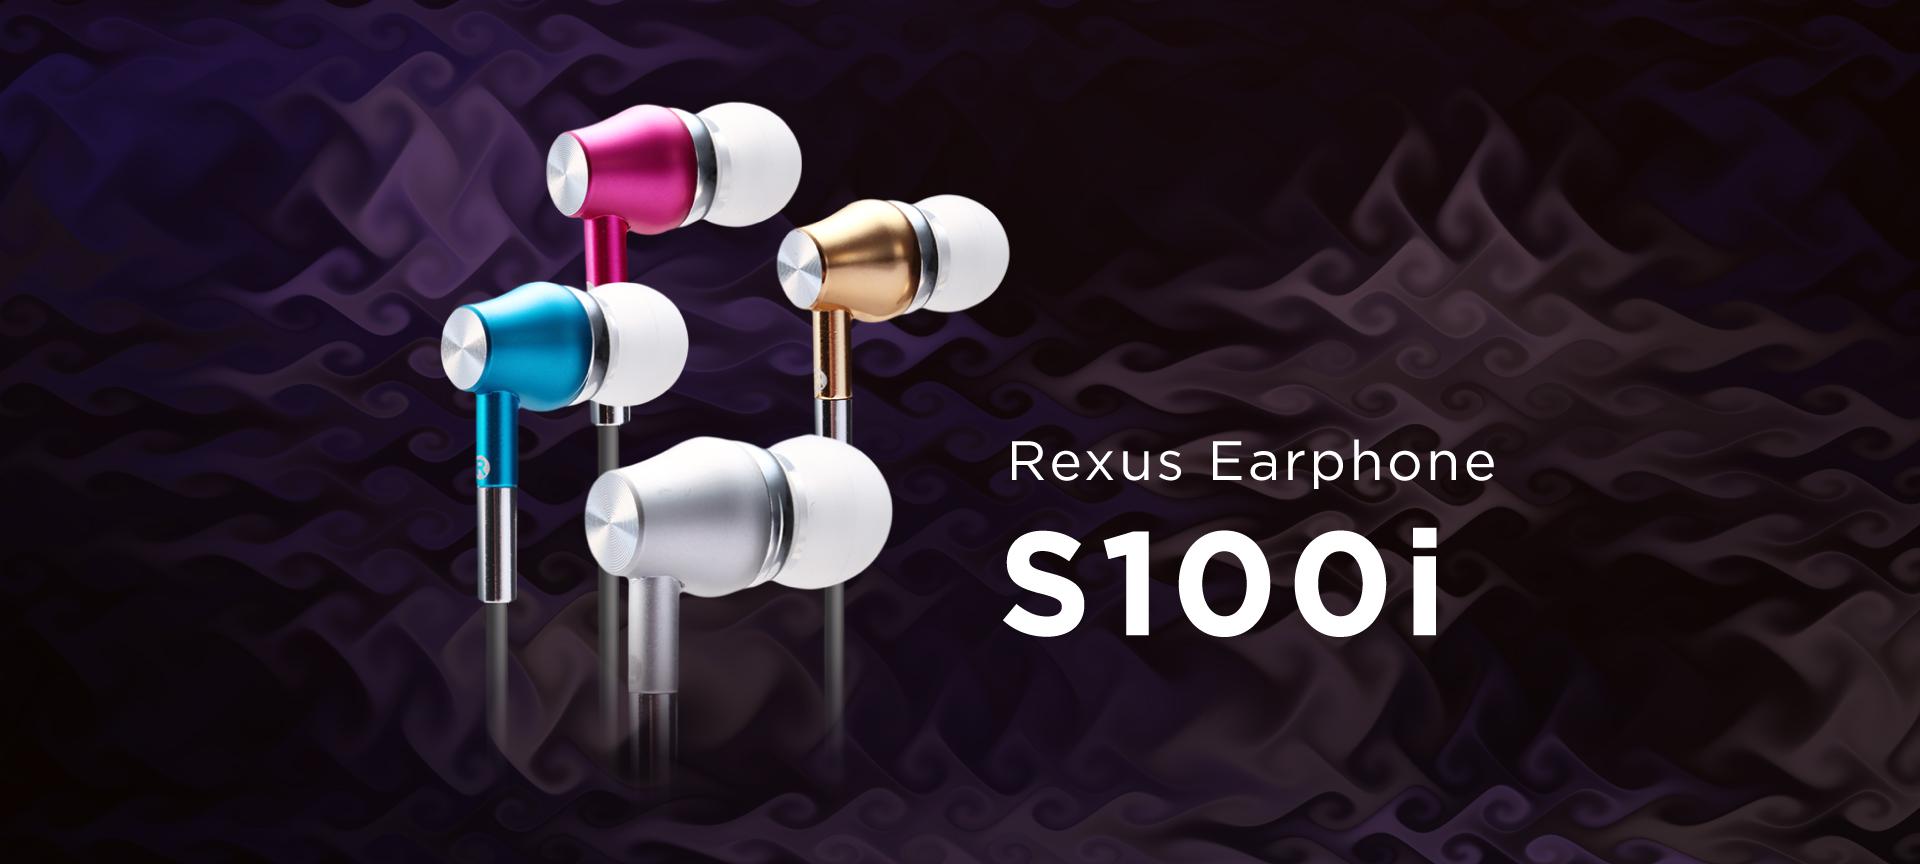 earphone Rexus S100i WL S100i 01